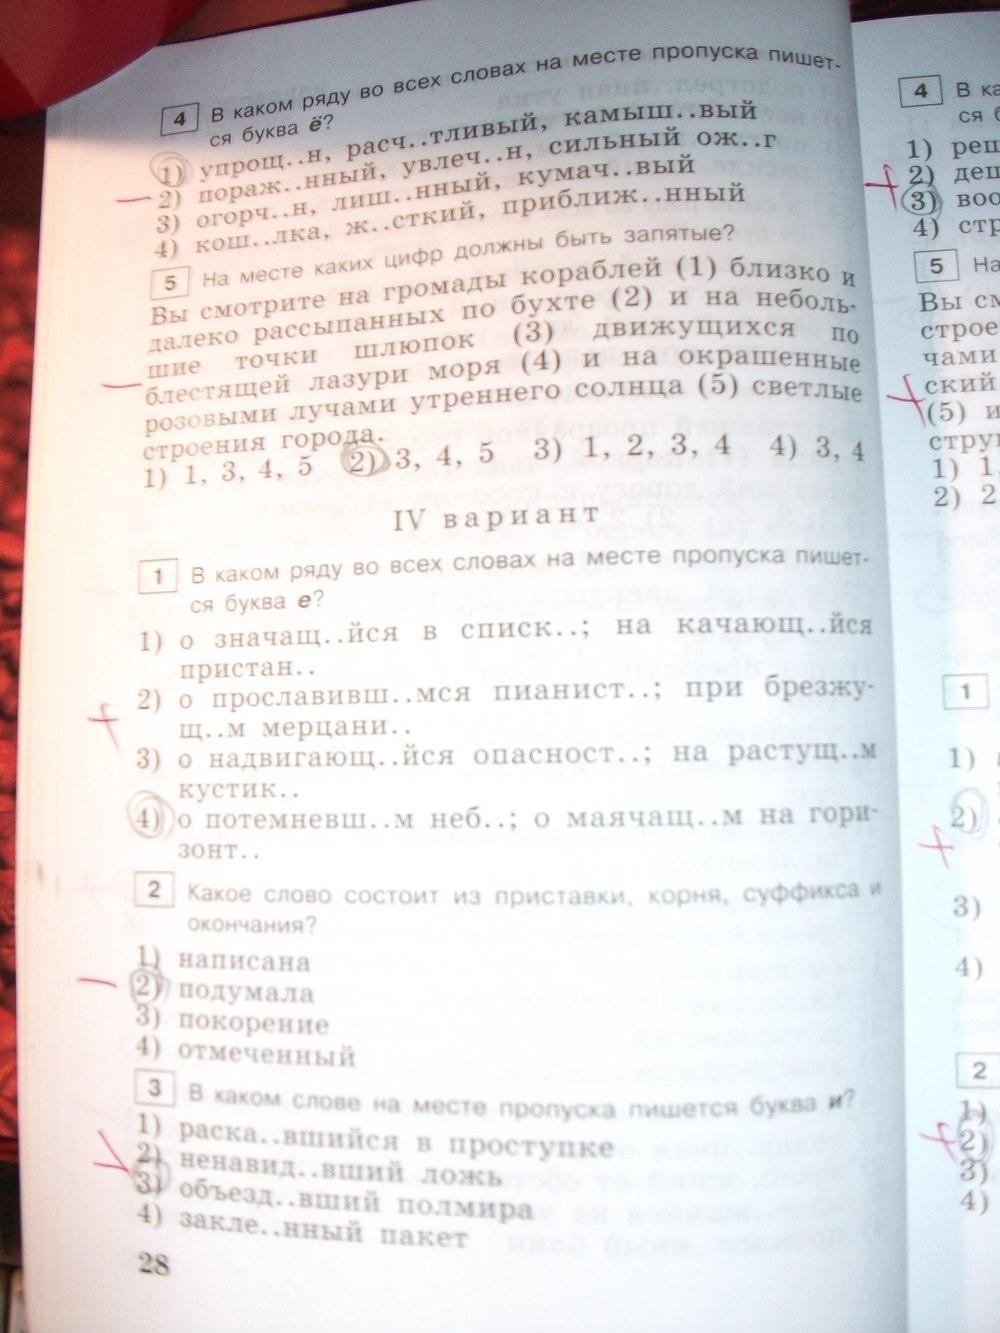 языку гдз печатная русскому тетрадь класс 7